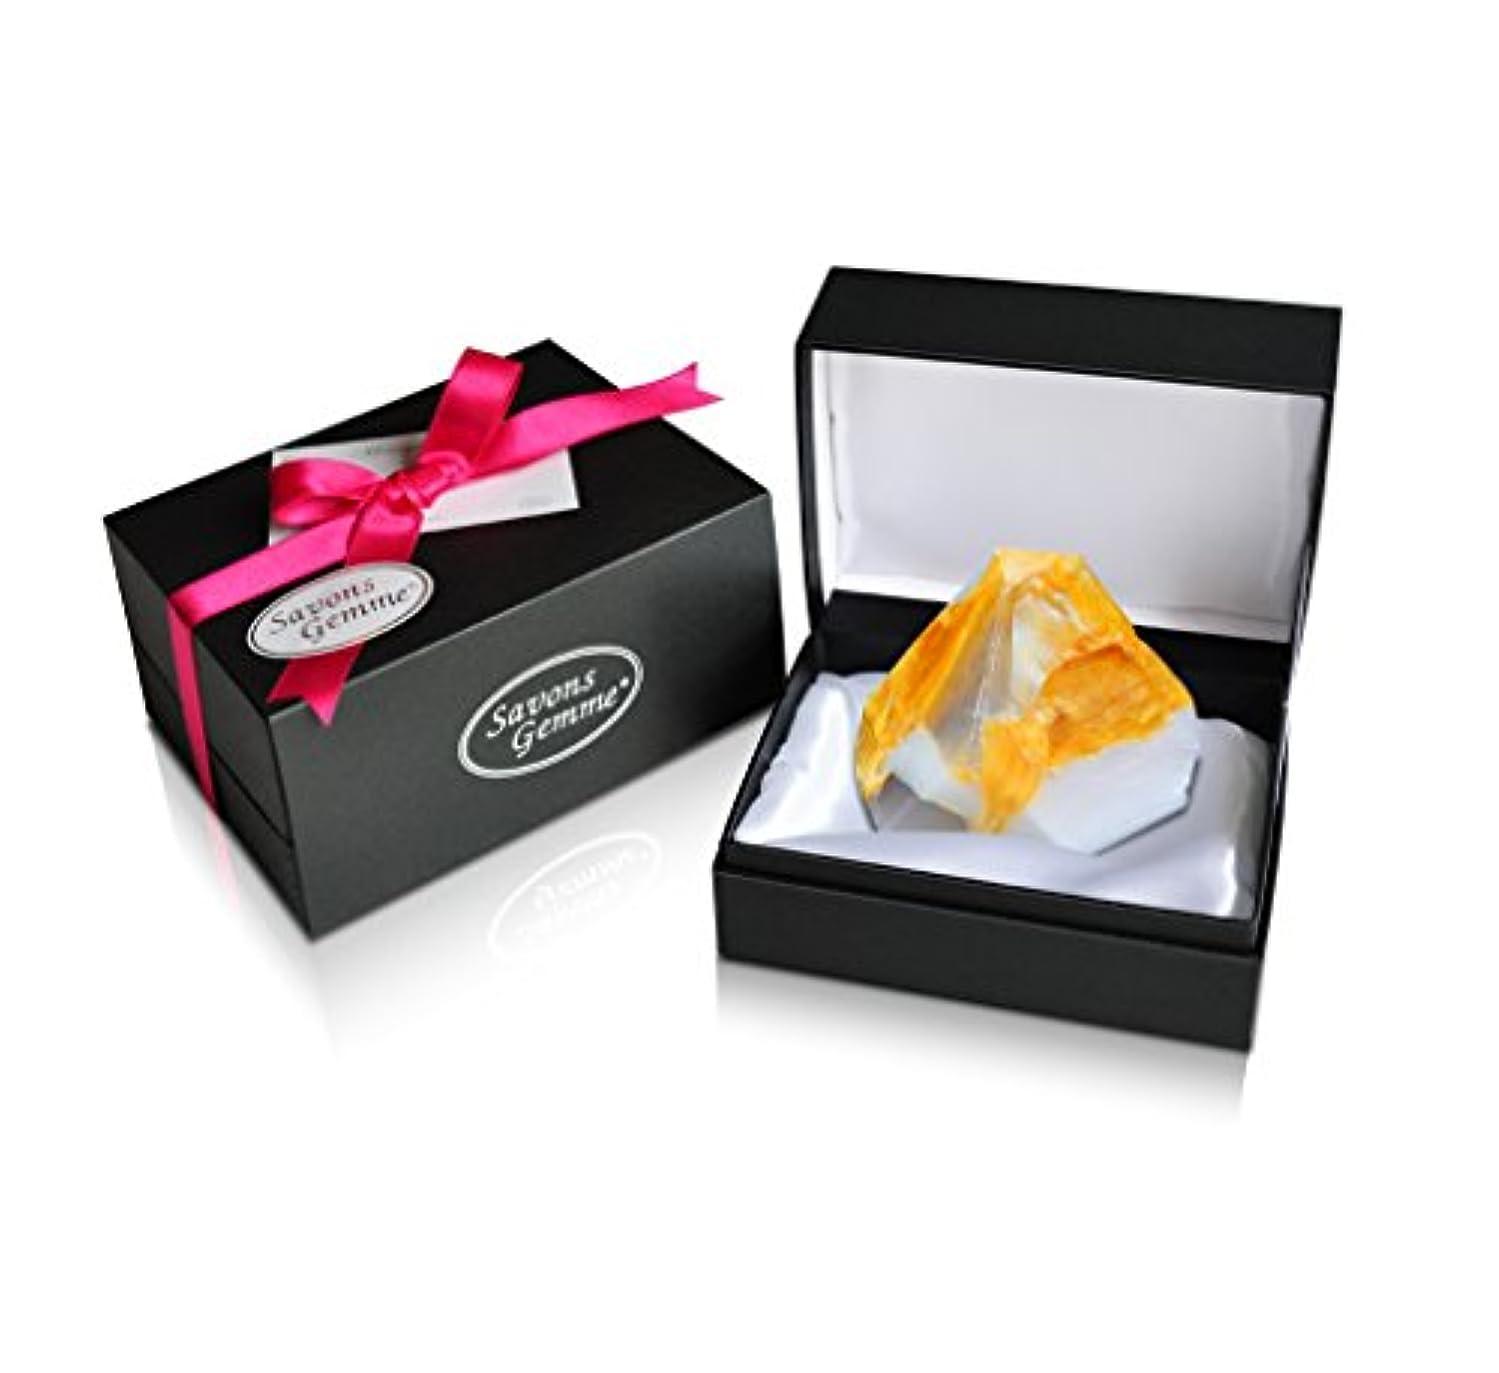 資産見捨てられた賠償Savons Gemme サボンジェム ジュエリーギフトボックス 世界で一番美しい宝石石鹸 フレグランス ソープ 宝石箱のようなラグジュアリー感を演出 アルバトールオリエンタル 170g 【日本総代理店品】